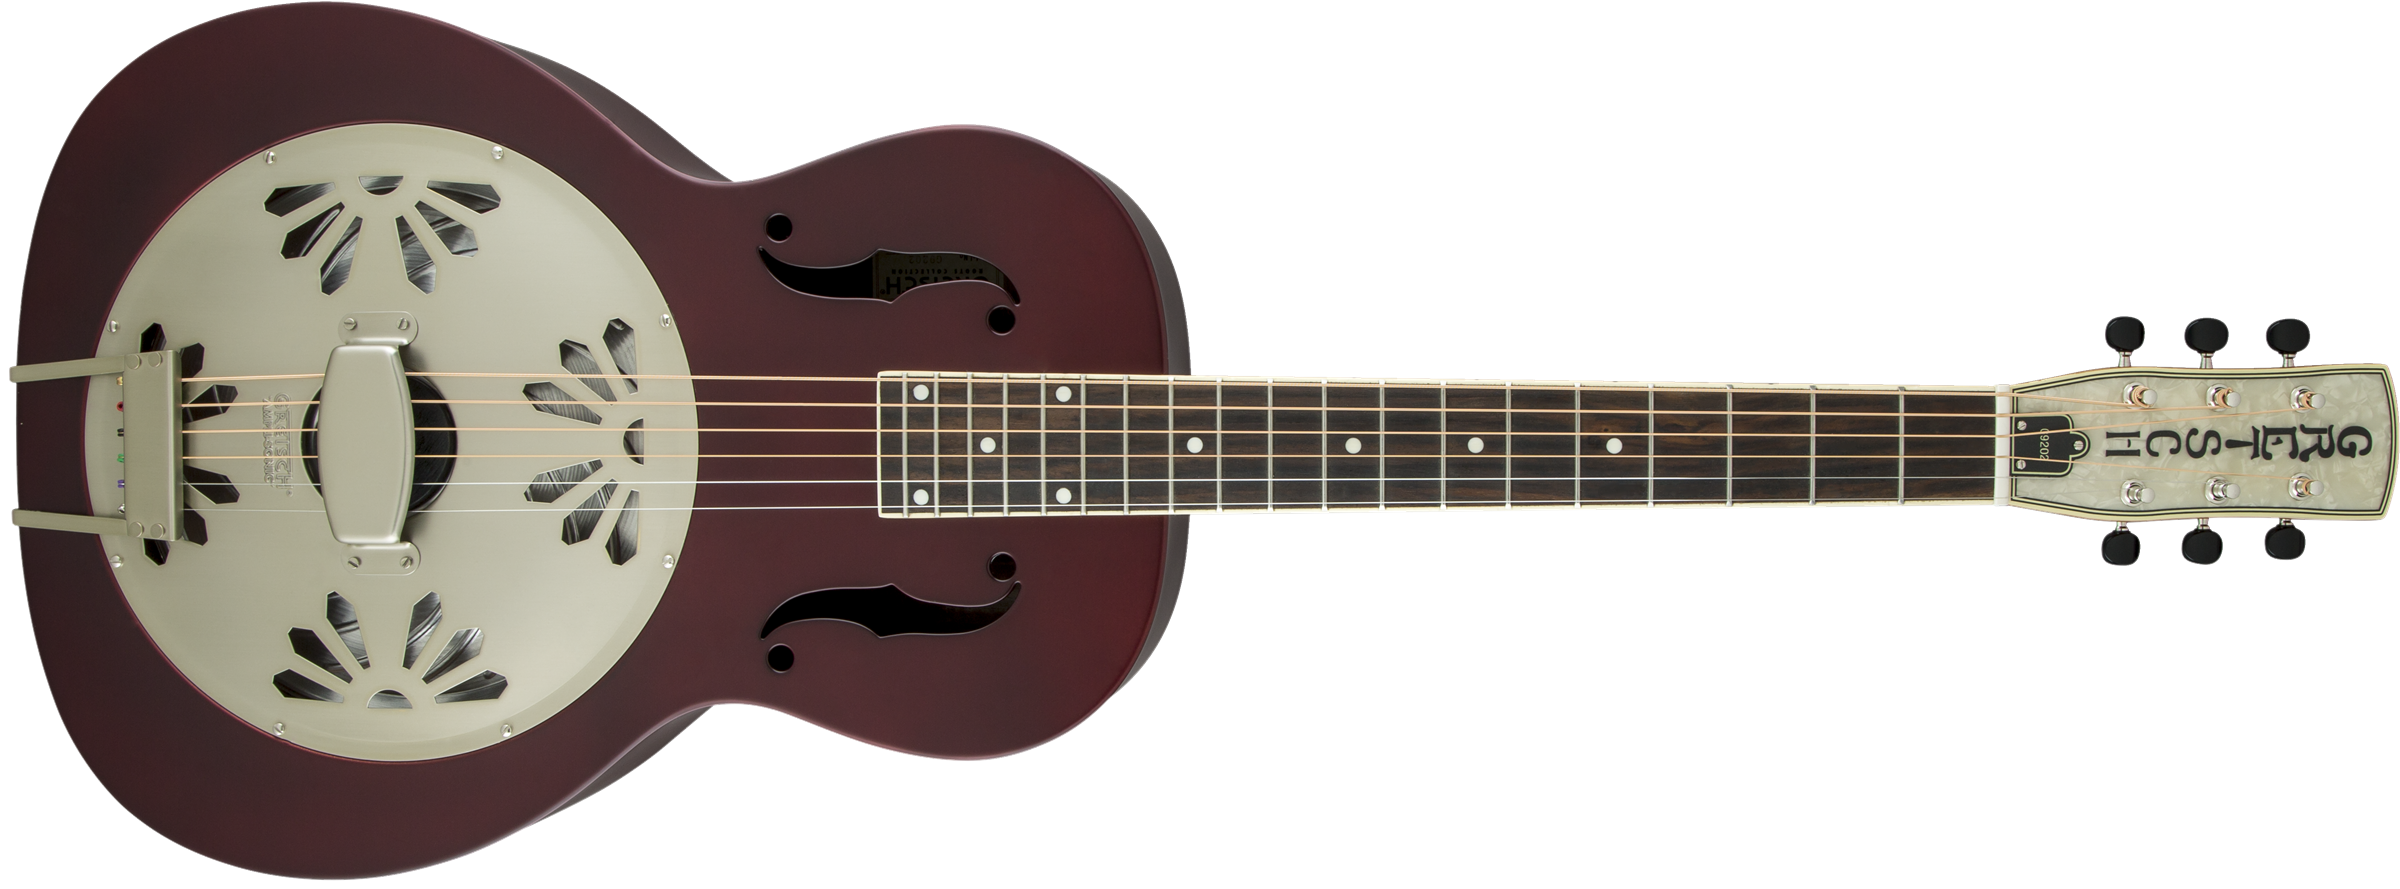 Clipart guitar 80 guitar. Folk bluegrass g honey